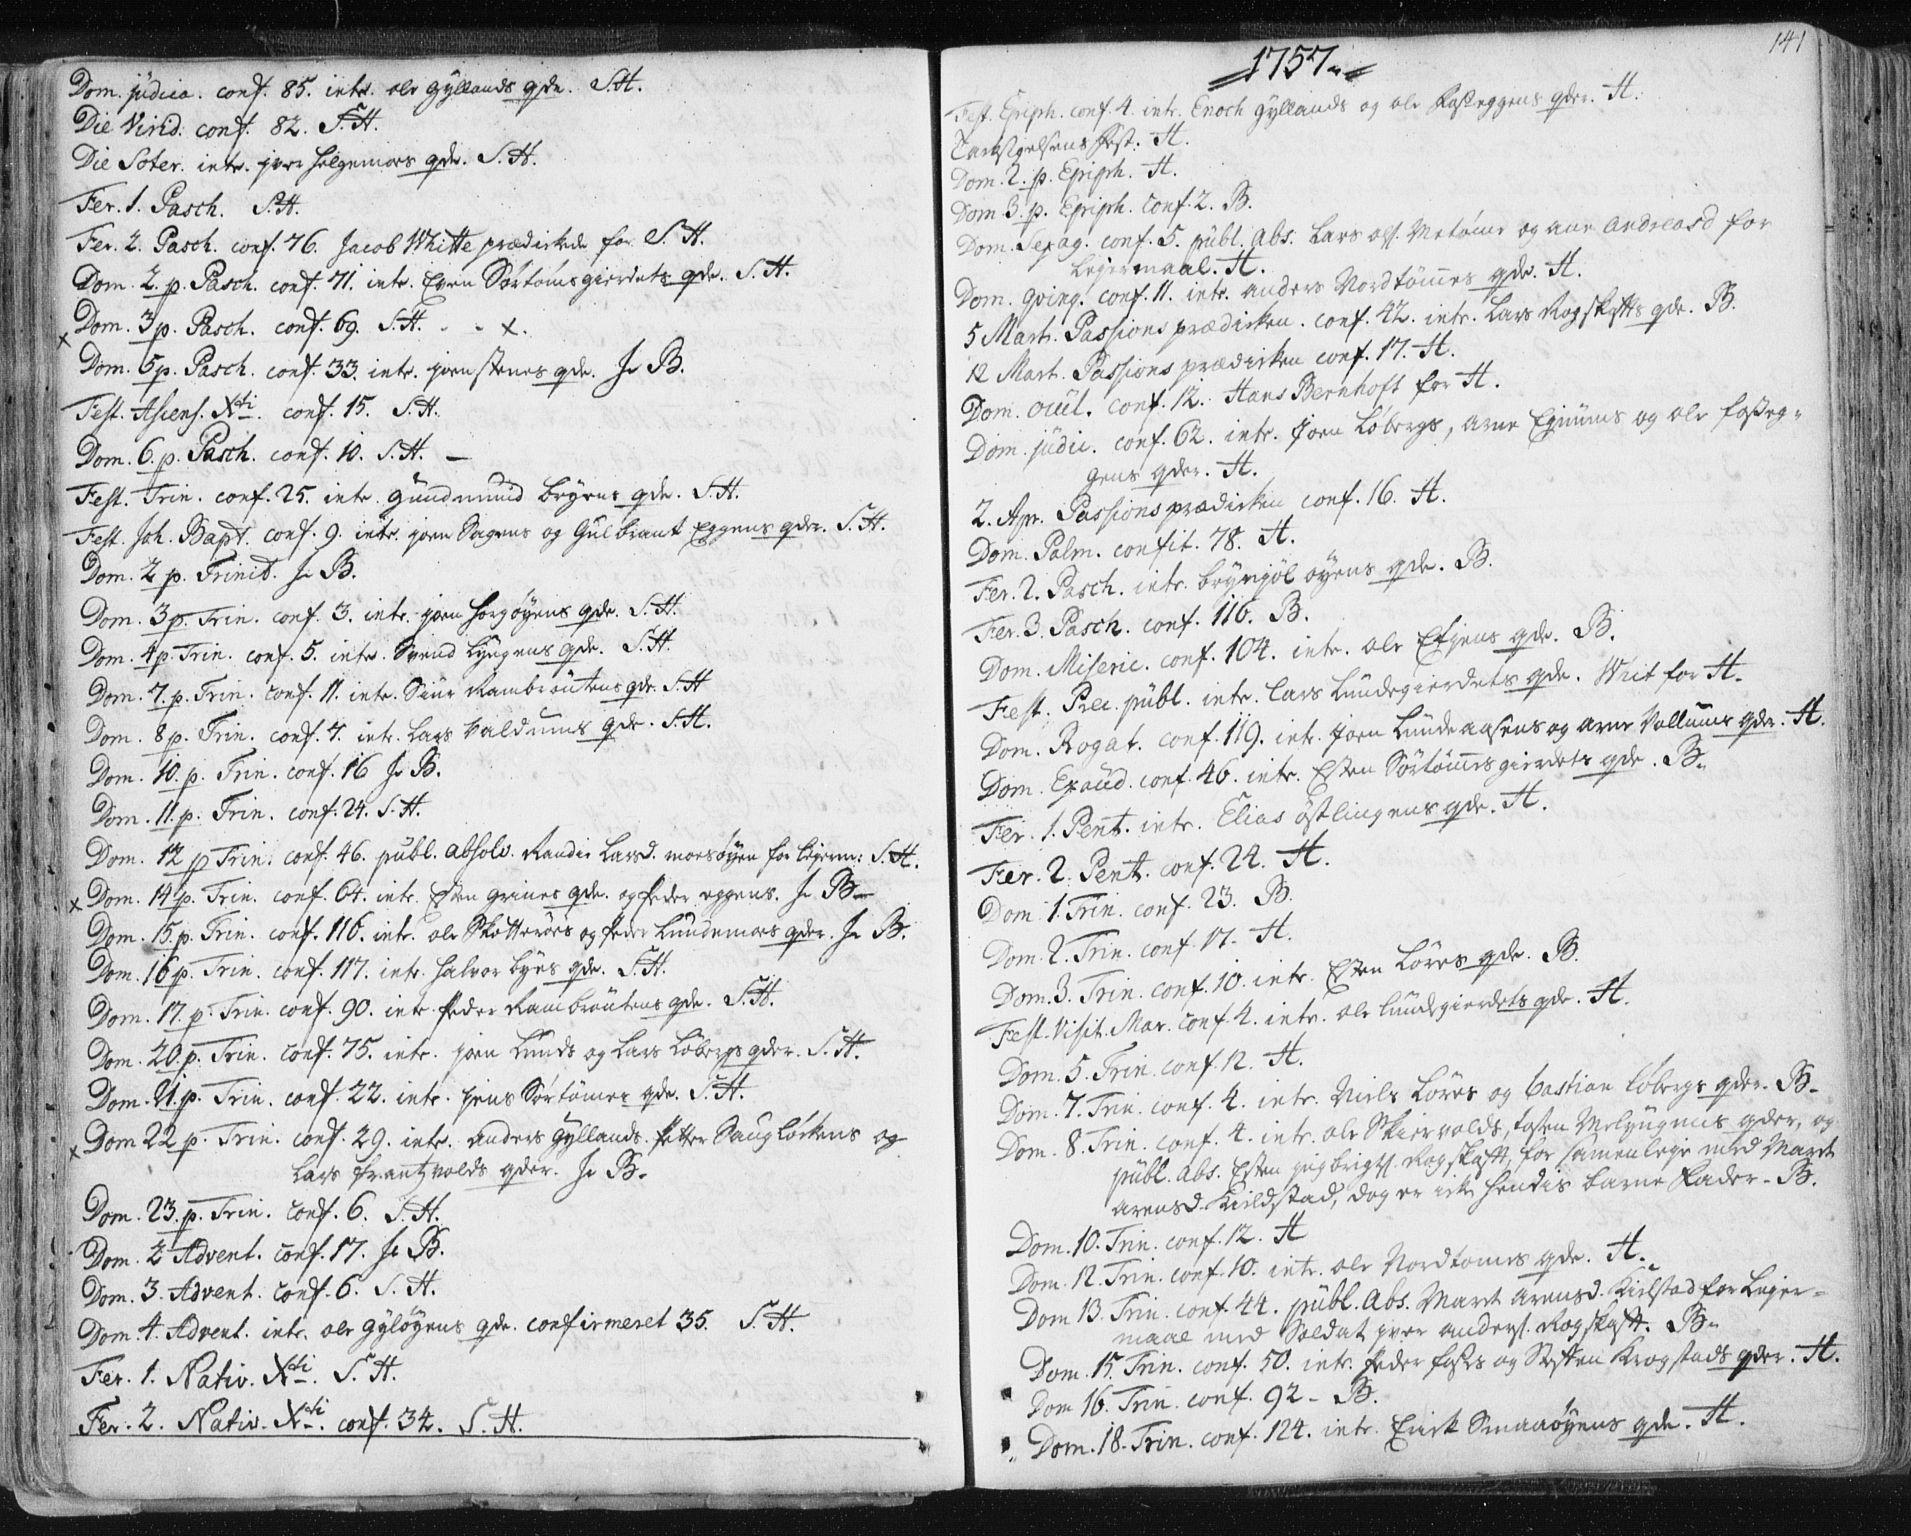 SAT, Ministerialprotokoller, klokkerbøker og fødselsregistre - Sør-Trøndelag, 687/L0991: Ministerialbok nr. 687A02, 1747-1790, s. 141